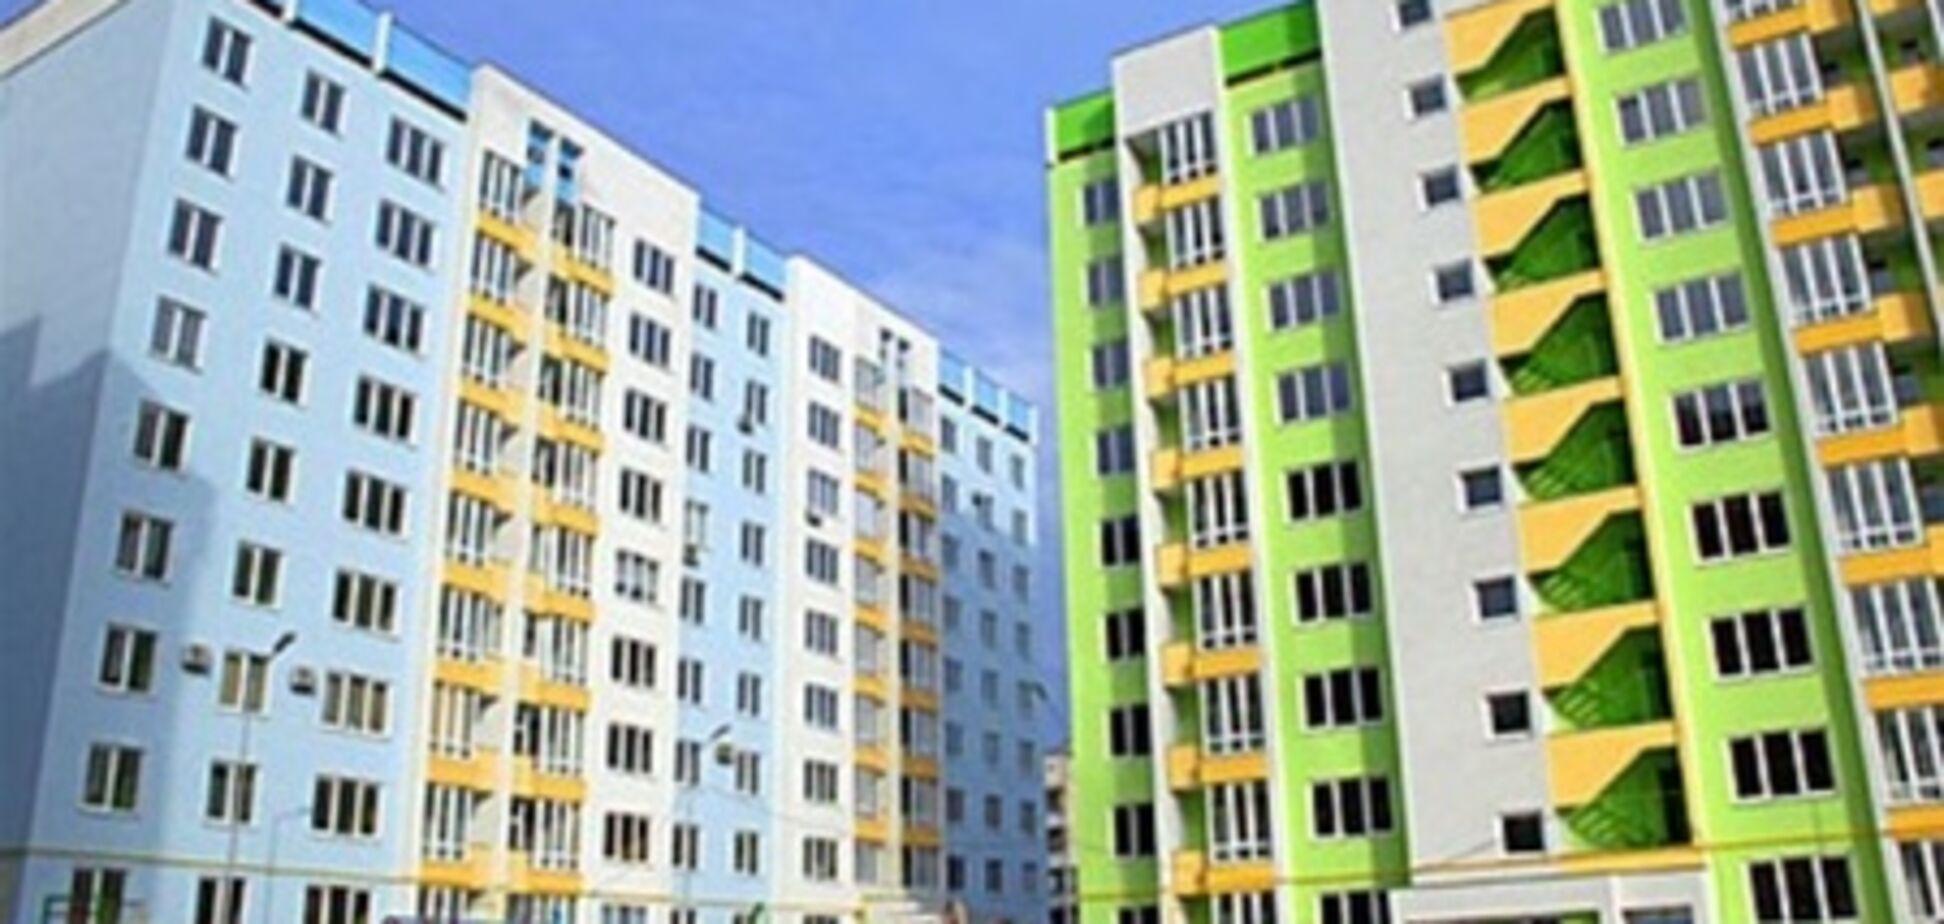 Эксперт: Власть дает недостаточно денег на 'Доступное жилье'